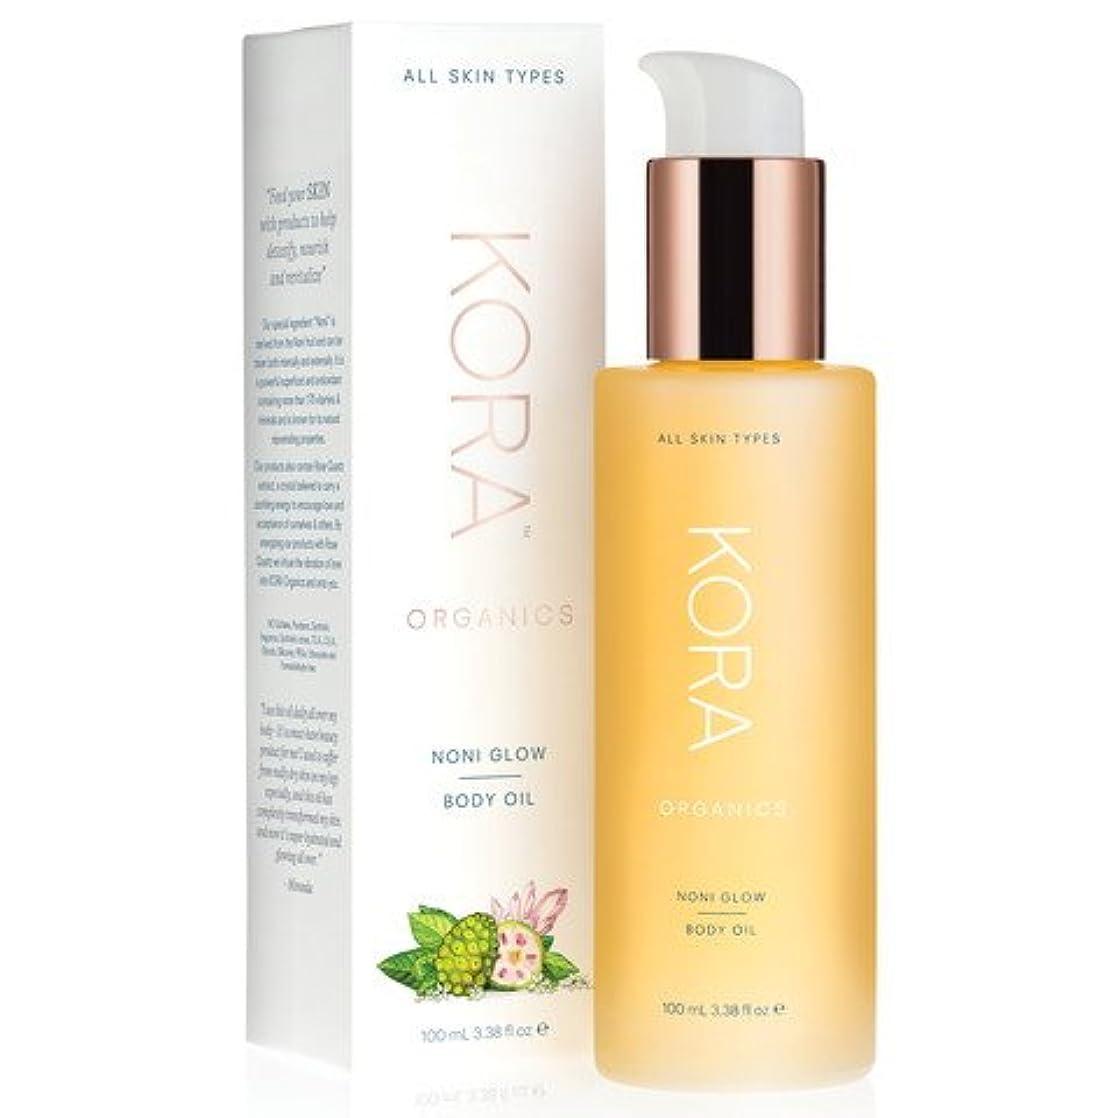 シェトランド諸島煙品[Kora Organics]ノニ グロー Bodyオイル(全身用?ボディオイル )[Noni Glow Body Oil][海外直送品]